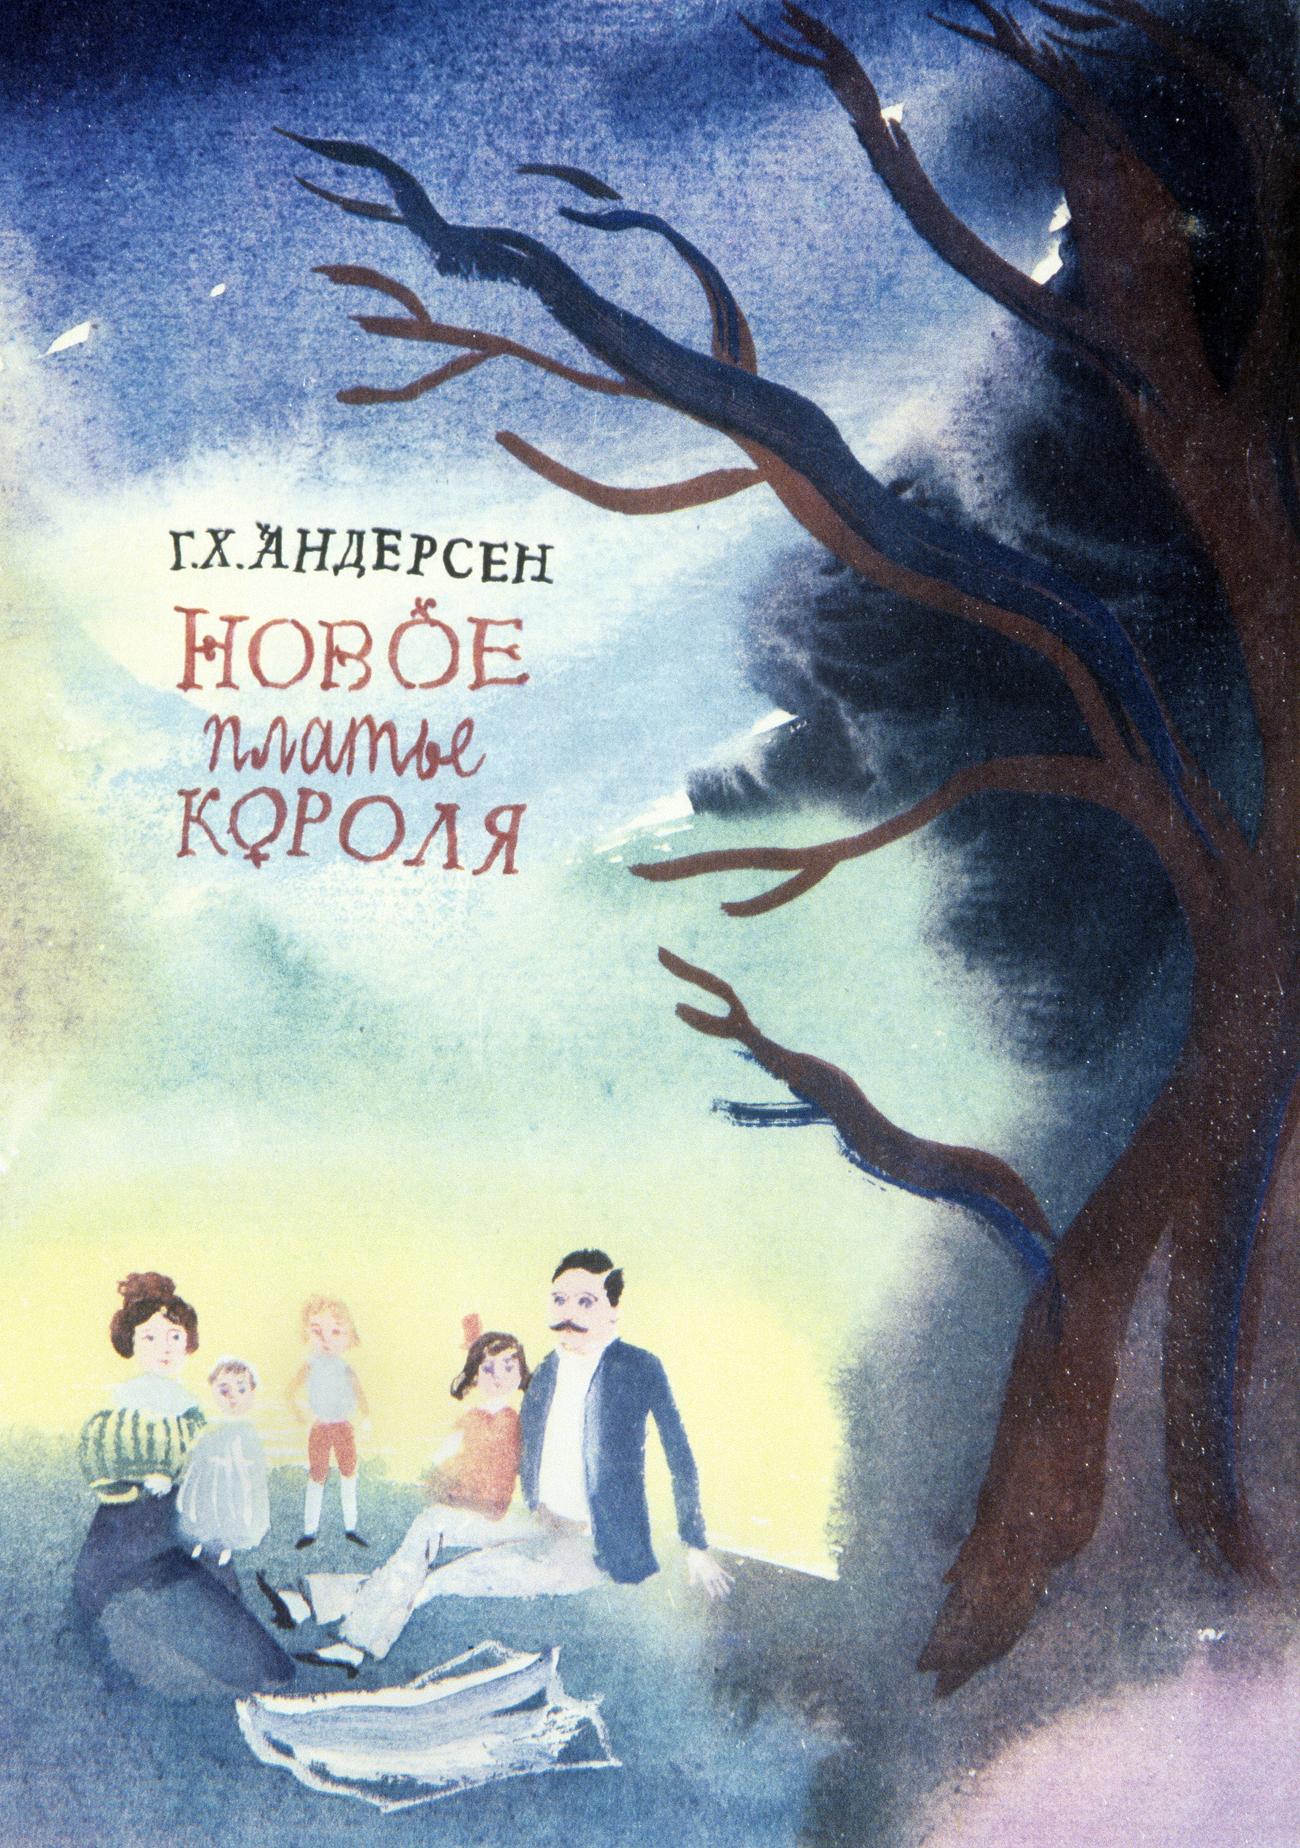 Riproduzione della copertina realizzata dagli artisti Aleksandr e Valerij Traugot. Fonte: A. Sverdlov / RIA Novosti